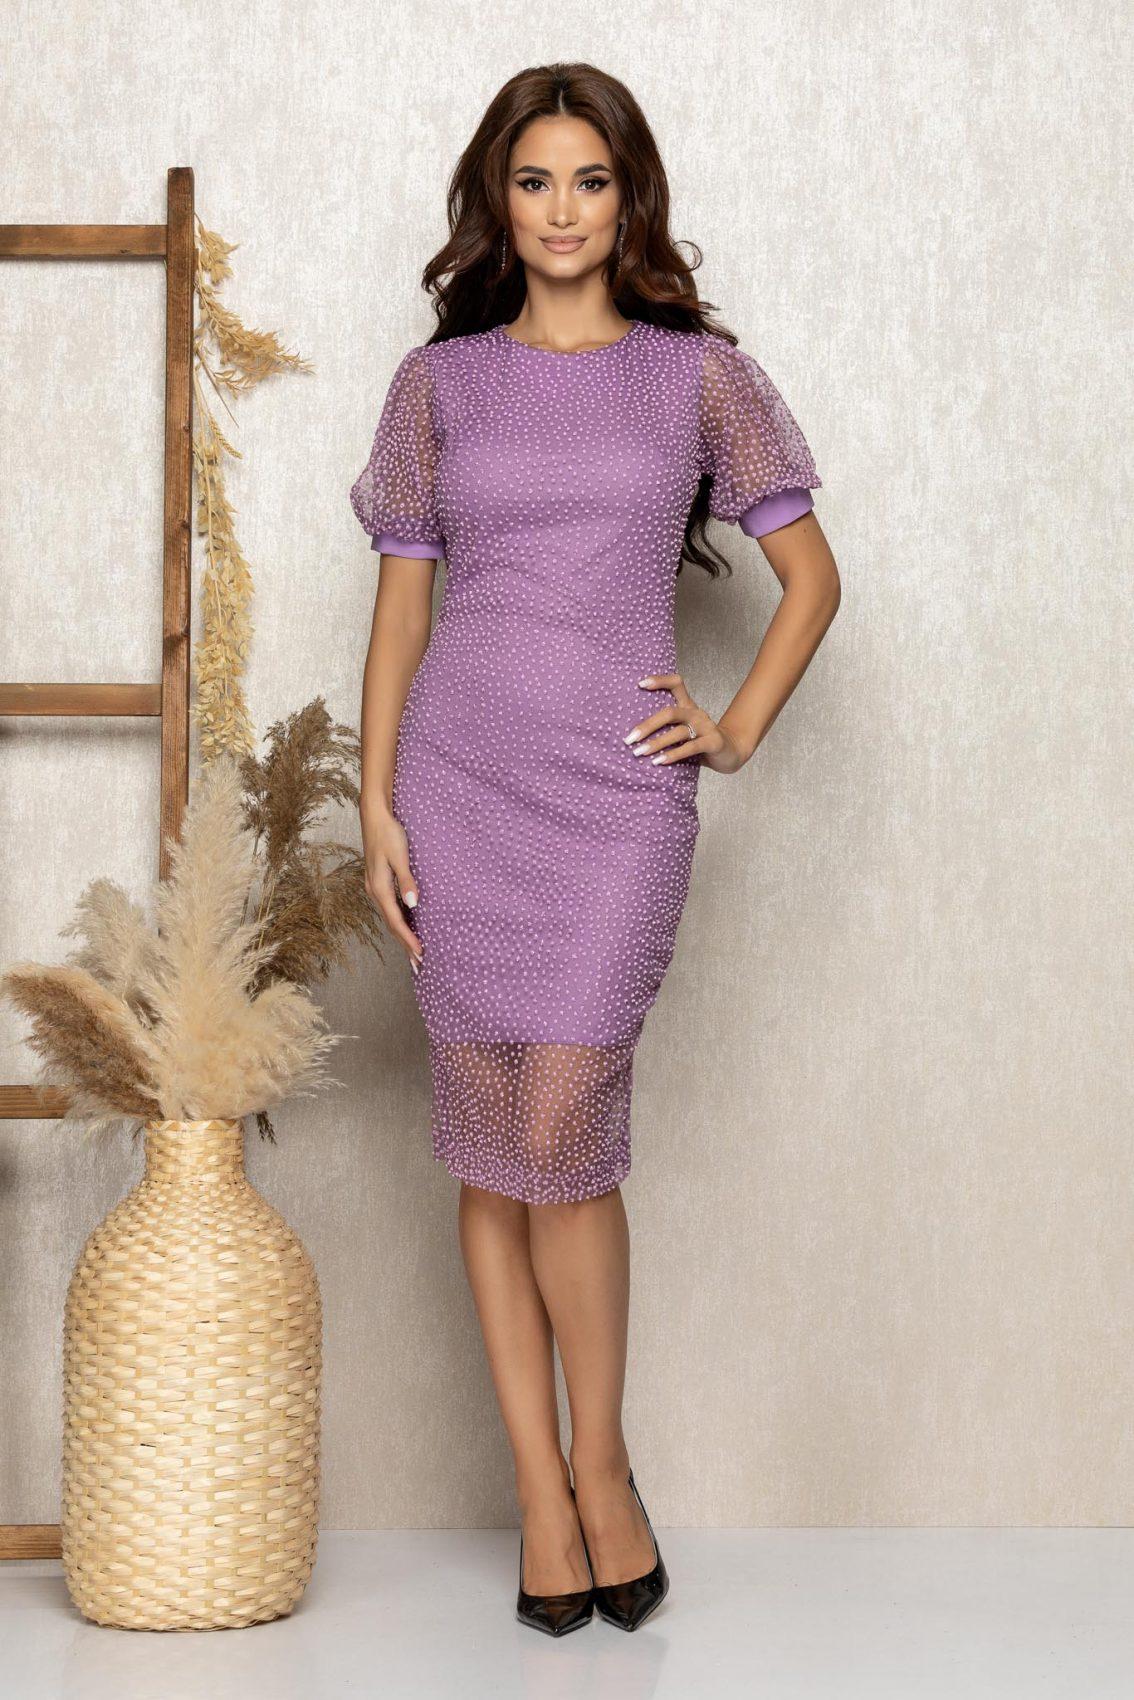 Λιλά Μίντι Βραδινό Φόρεμα Από Τούλι Keisha T279 1